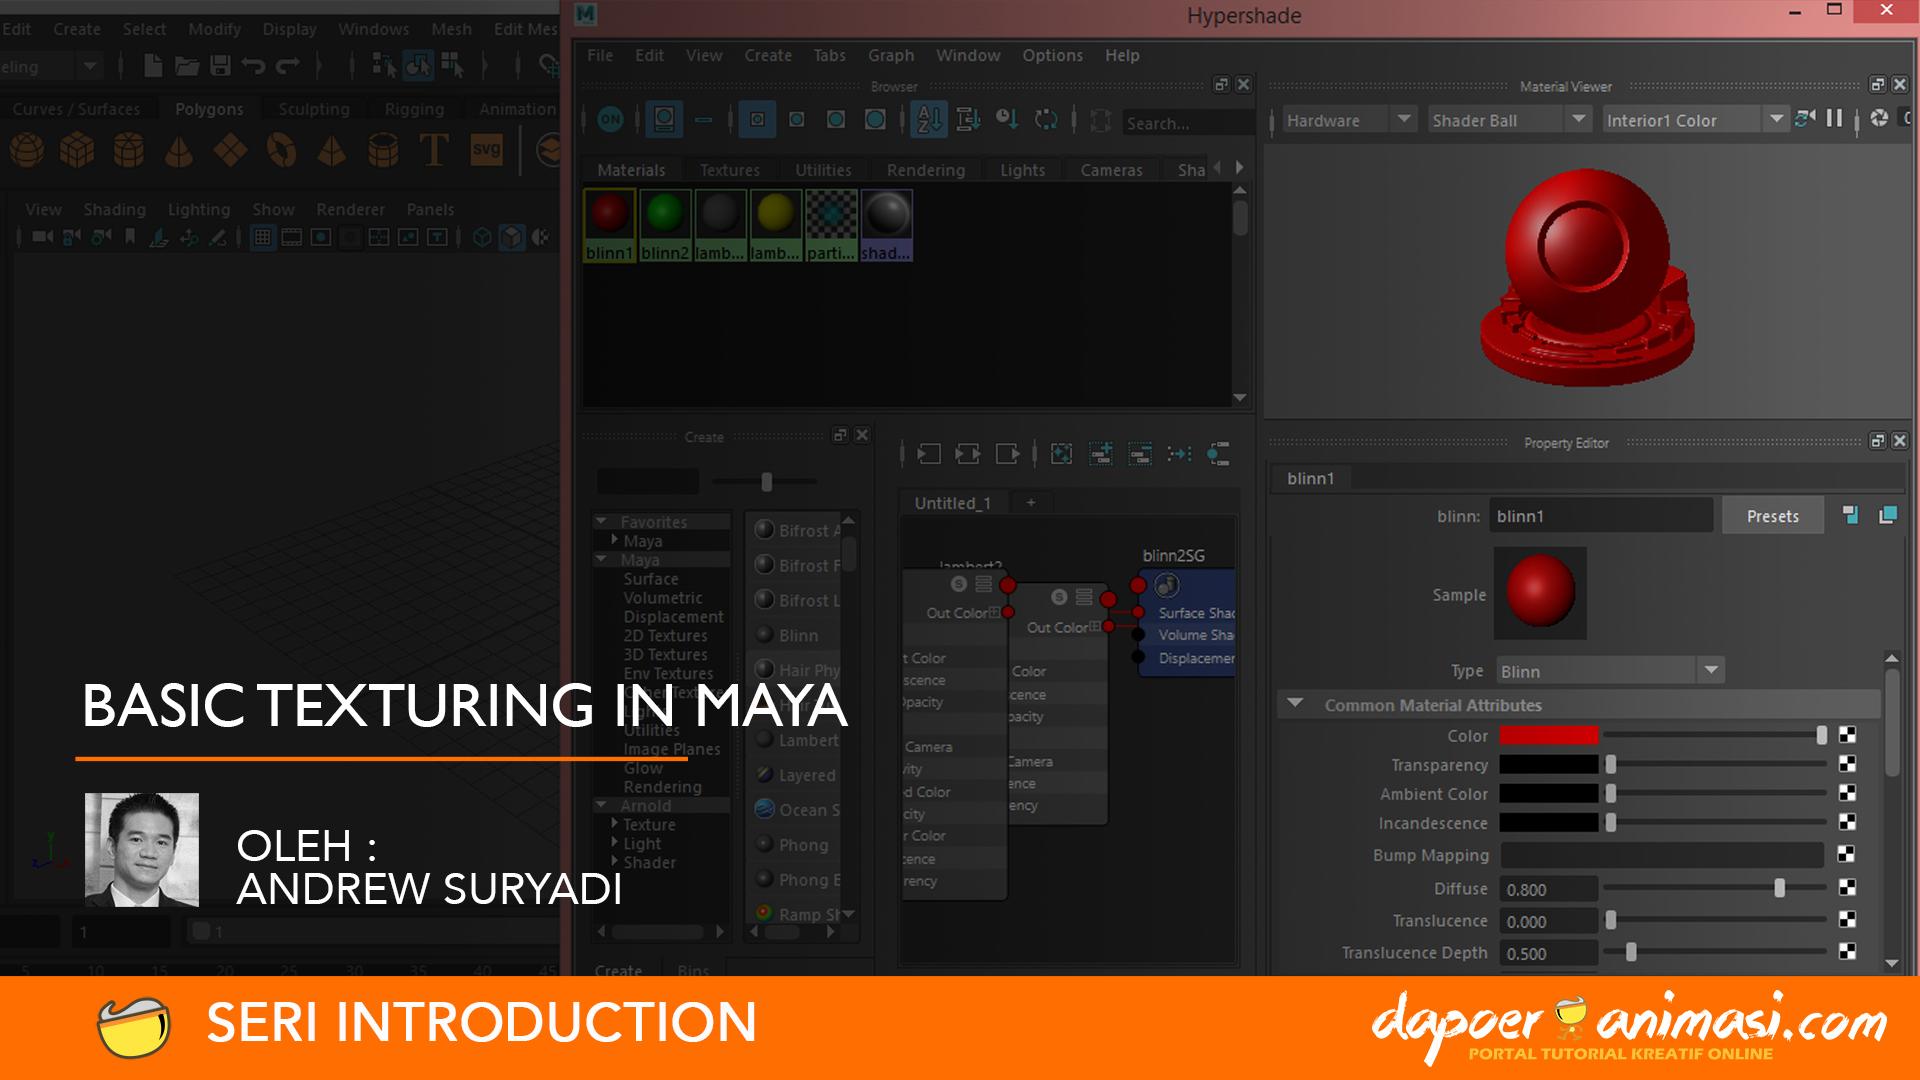 Dapoer Animasi : Basic Texturing in Maya